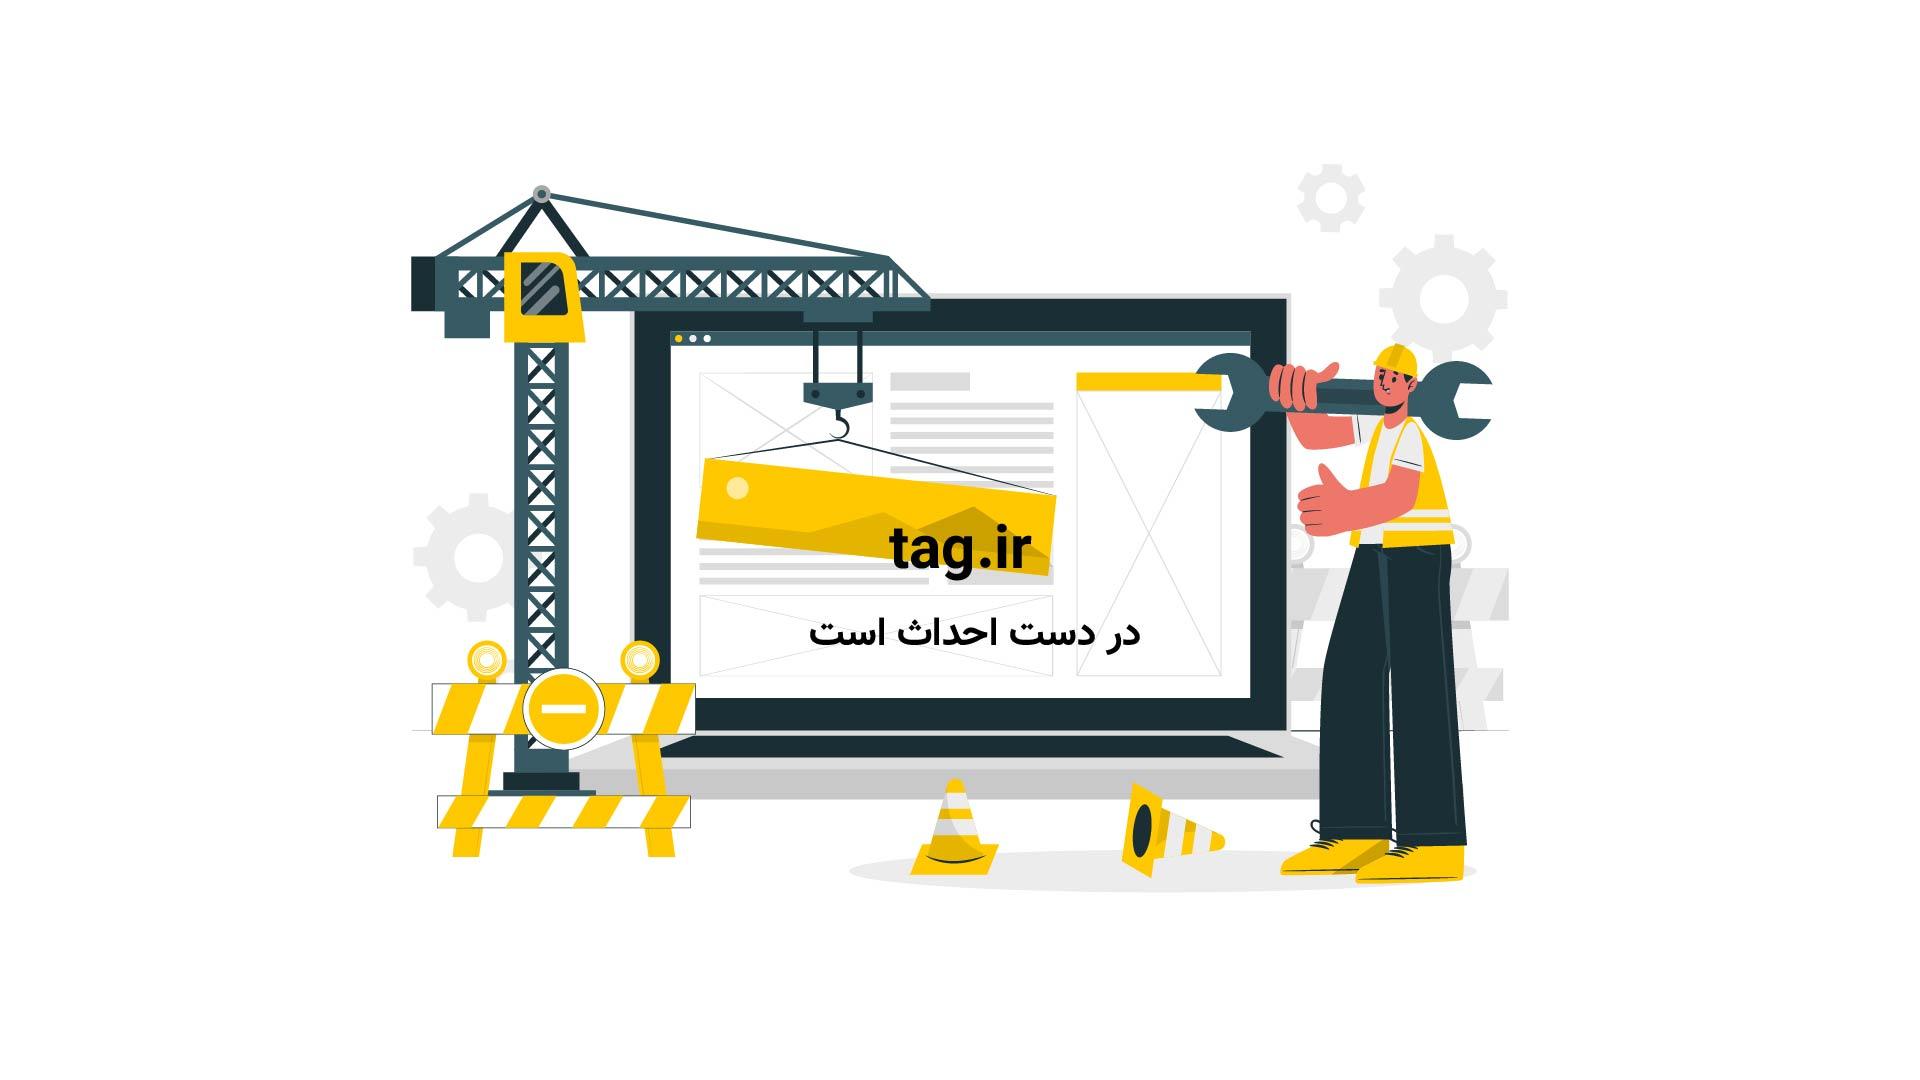 فیلم تسخیر خیابان ها توسط ارتش در ترکیه پس از کودتا